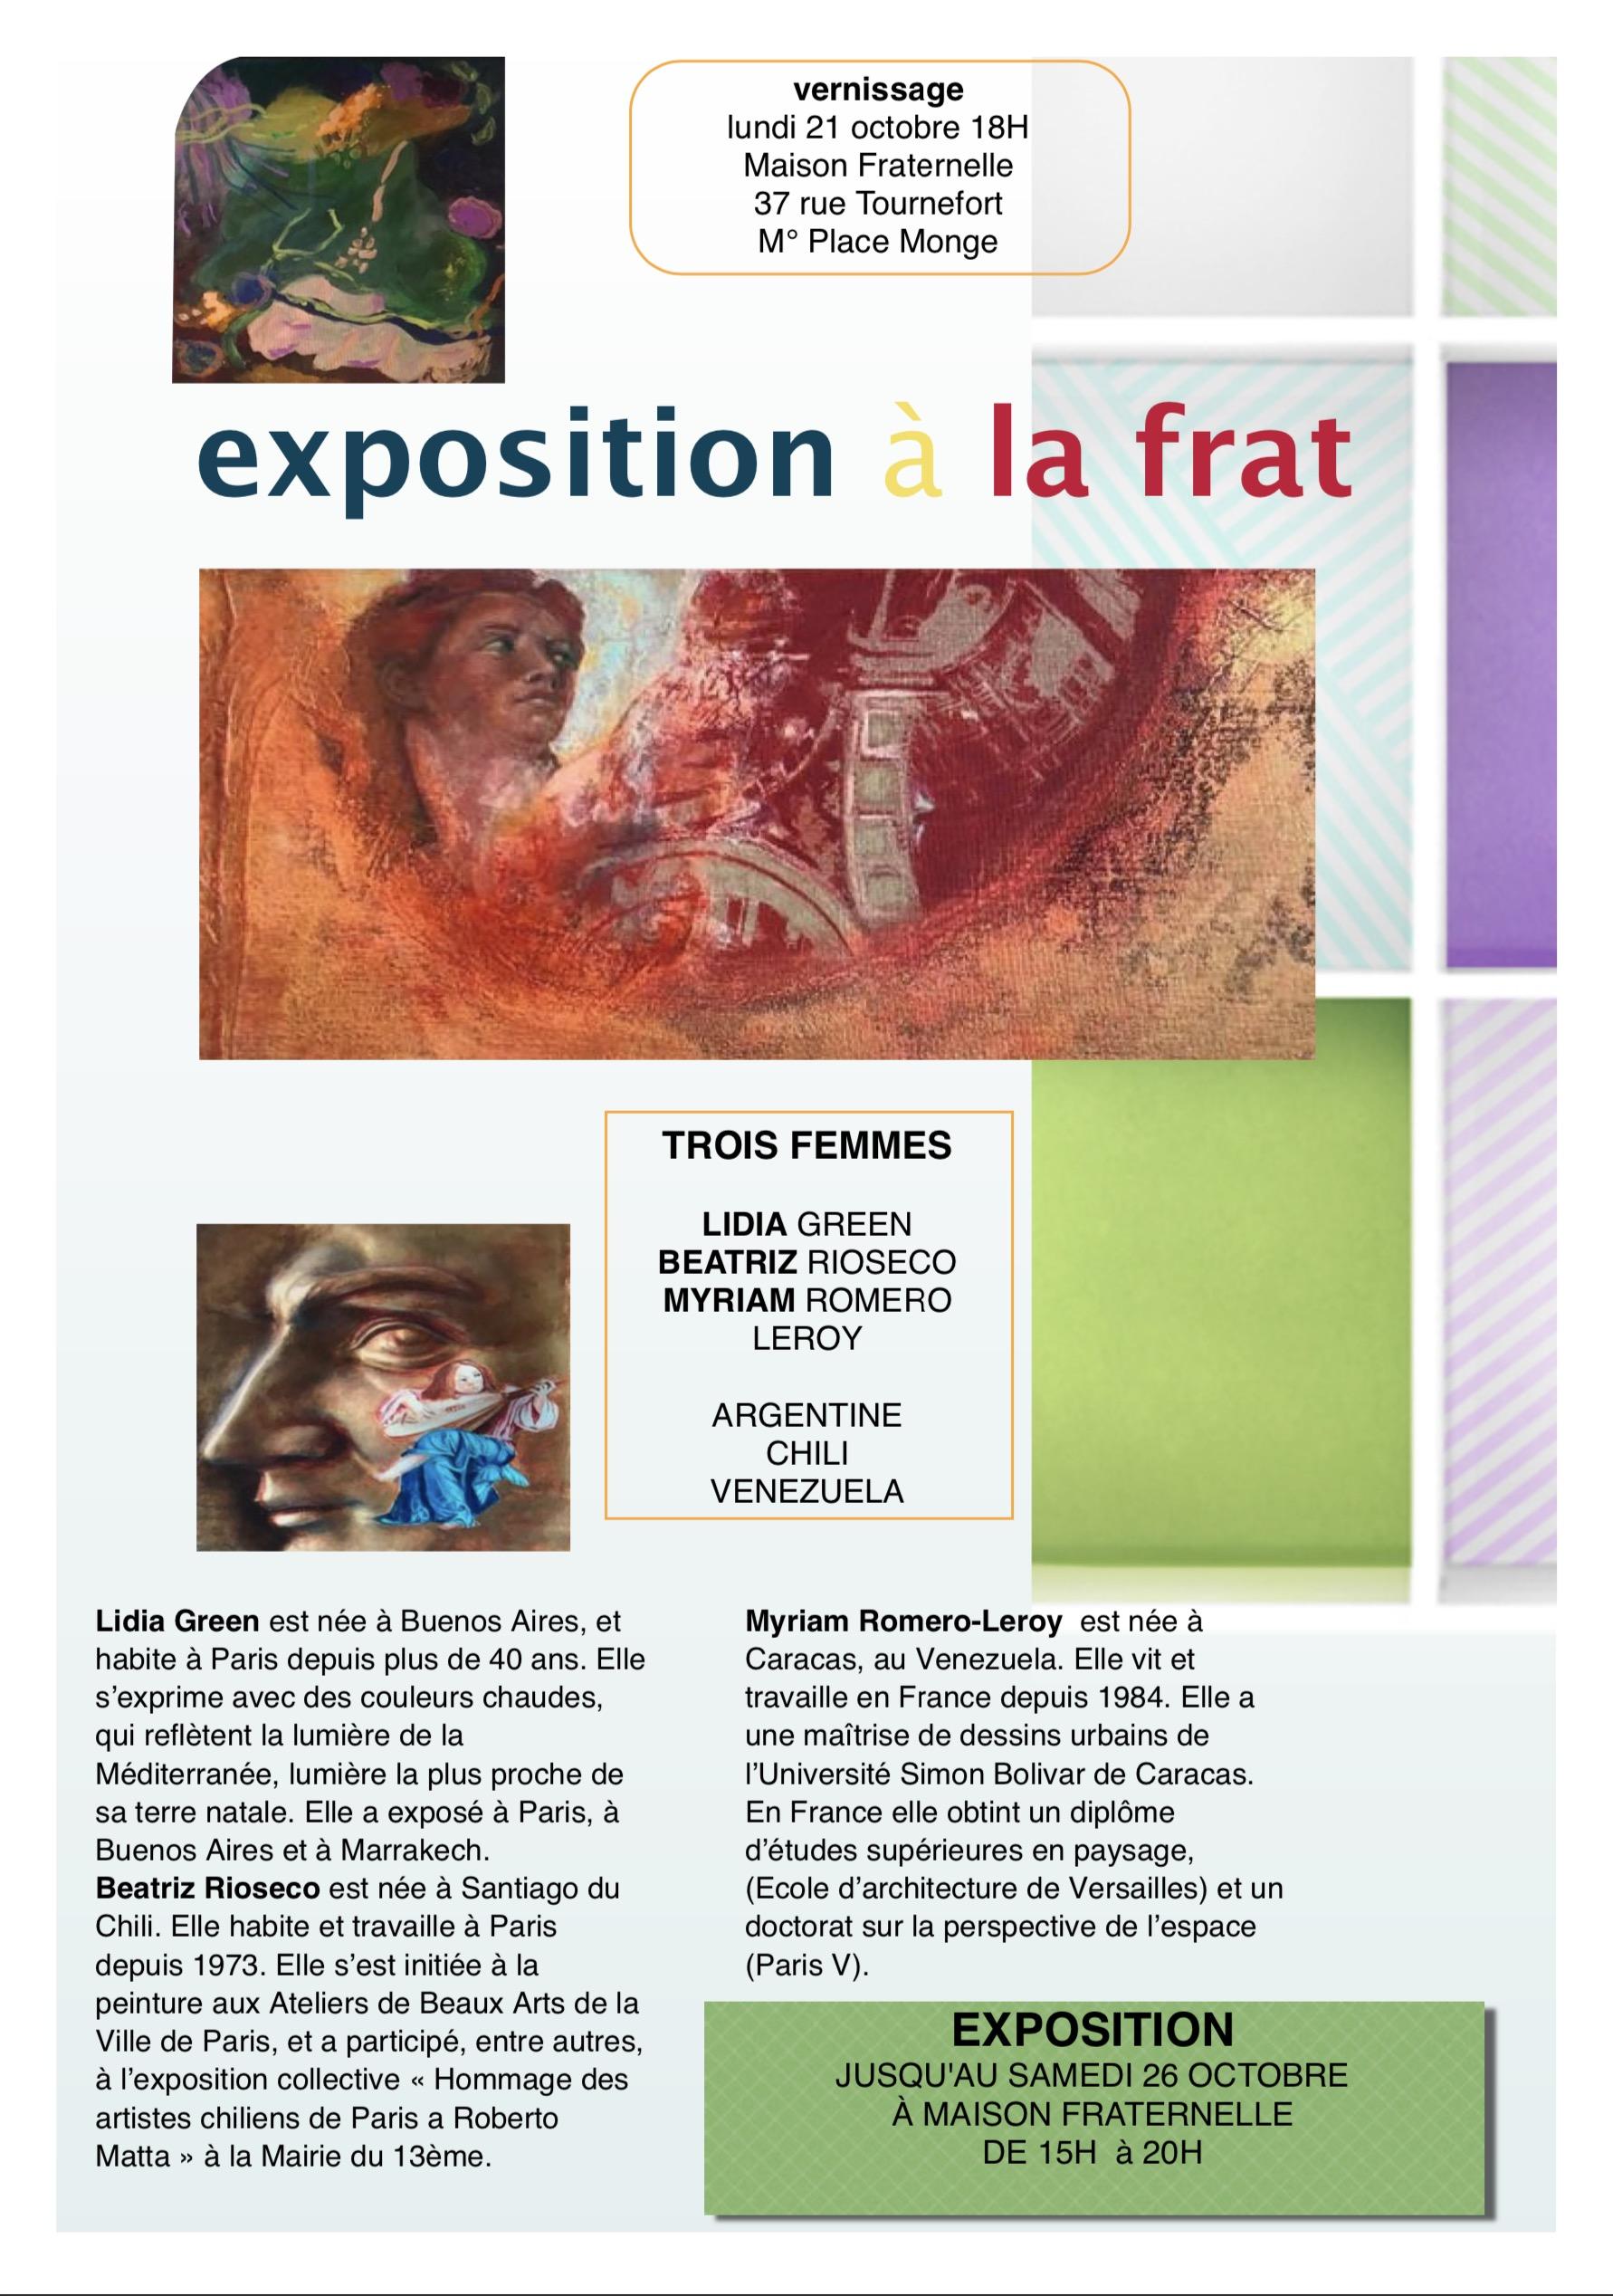 EXPOSITION À LA MAISON FRATERNELLE